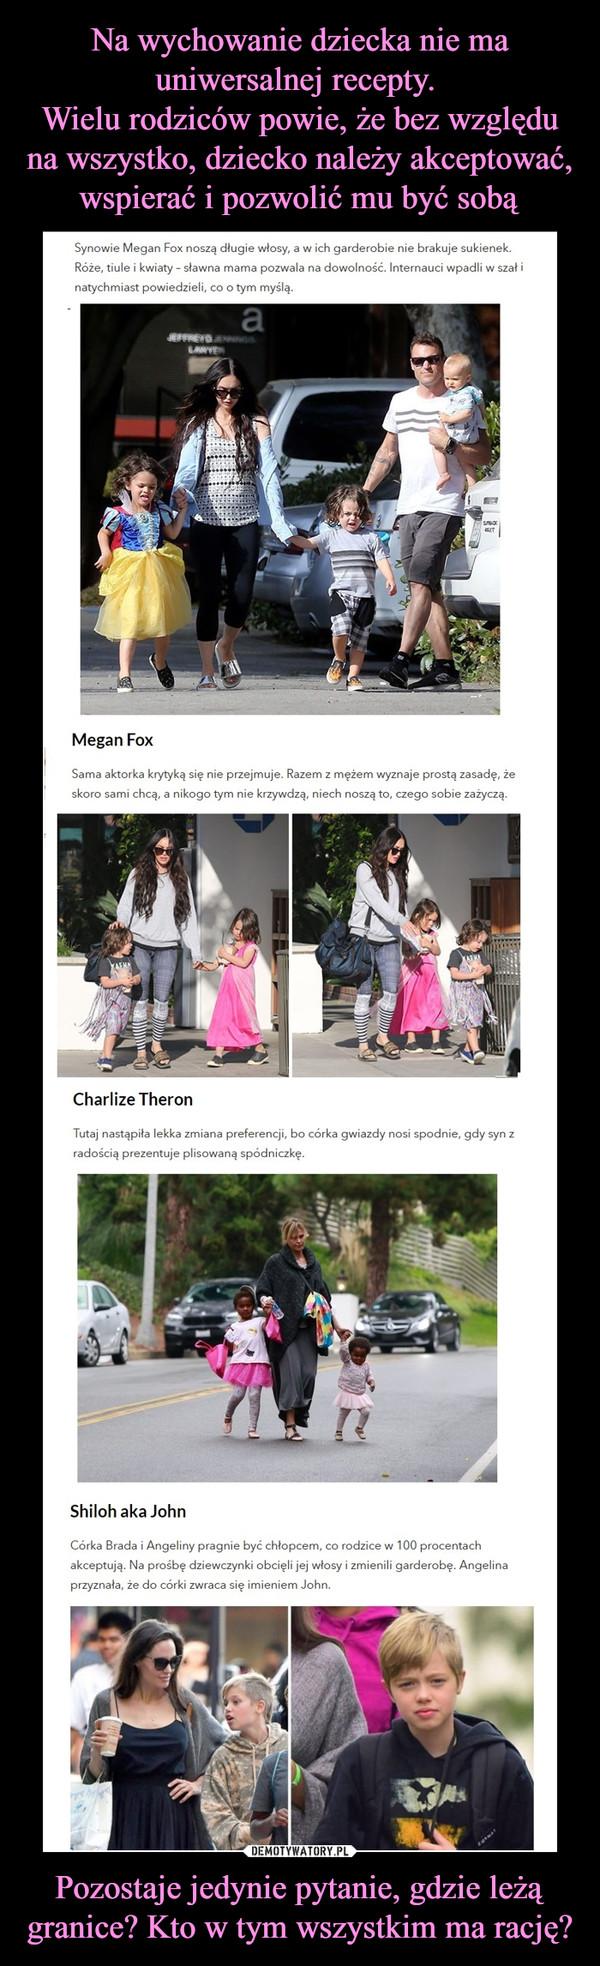 Pozostaje jedynie pytanie, gdzie leżą granice? Kto w tym wszystkim ma rację? –  Synowie Megan Fox noszą długie włosy, a w ich garderobie nie brakuje sukienek. Róże, tiule i kwiaty - sławna mama pozwala na dowolność. Internauci wpadli w szał i natychmiast powiedzieli co o tym myślą. Megan Fox sama aktorka krytyką się nie przejmuje . Razem z mężem wyznaje prostą zasad, że skoro sami chcą , a nikogo tym nie krzywdzą, niech noszą to, czego sobie zażyczą. Charlize Theron Tutaj nastąpiła lekka zmiana preferencji, bo córka gwiazdy nosi spodnie, gdy syn z radością prezentuje plisowaną spódniczkę. Shiloh aka John Córka Brada i Angeliny pragnie być chłopcem, co rodzice w 100 procentach akceptują. Na prośbę dziewczynki obcięli jej włosy i zmienili garderobę. Angelina przyznała, że do córki zwraca się imieniem John